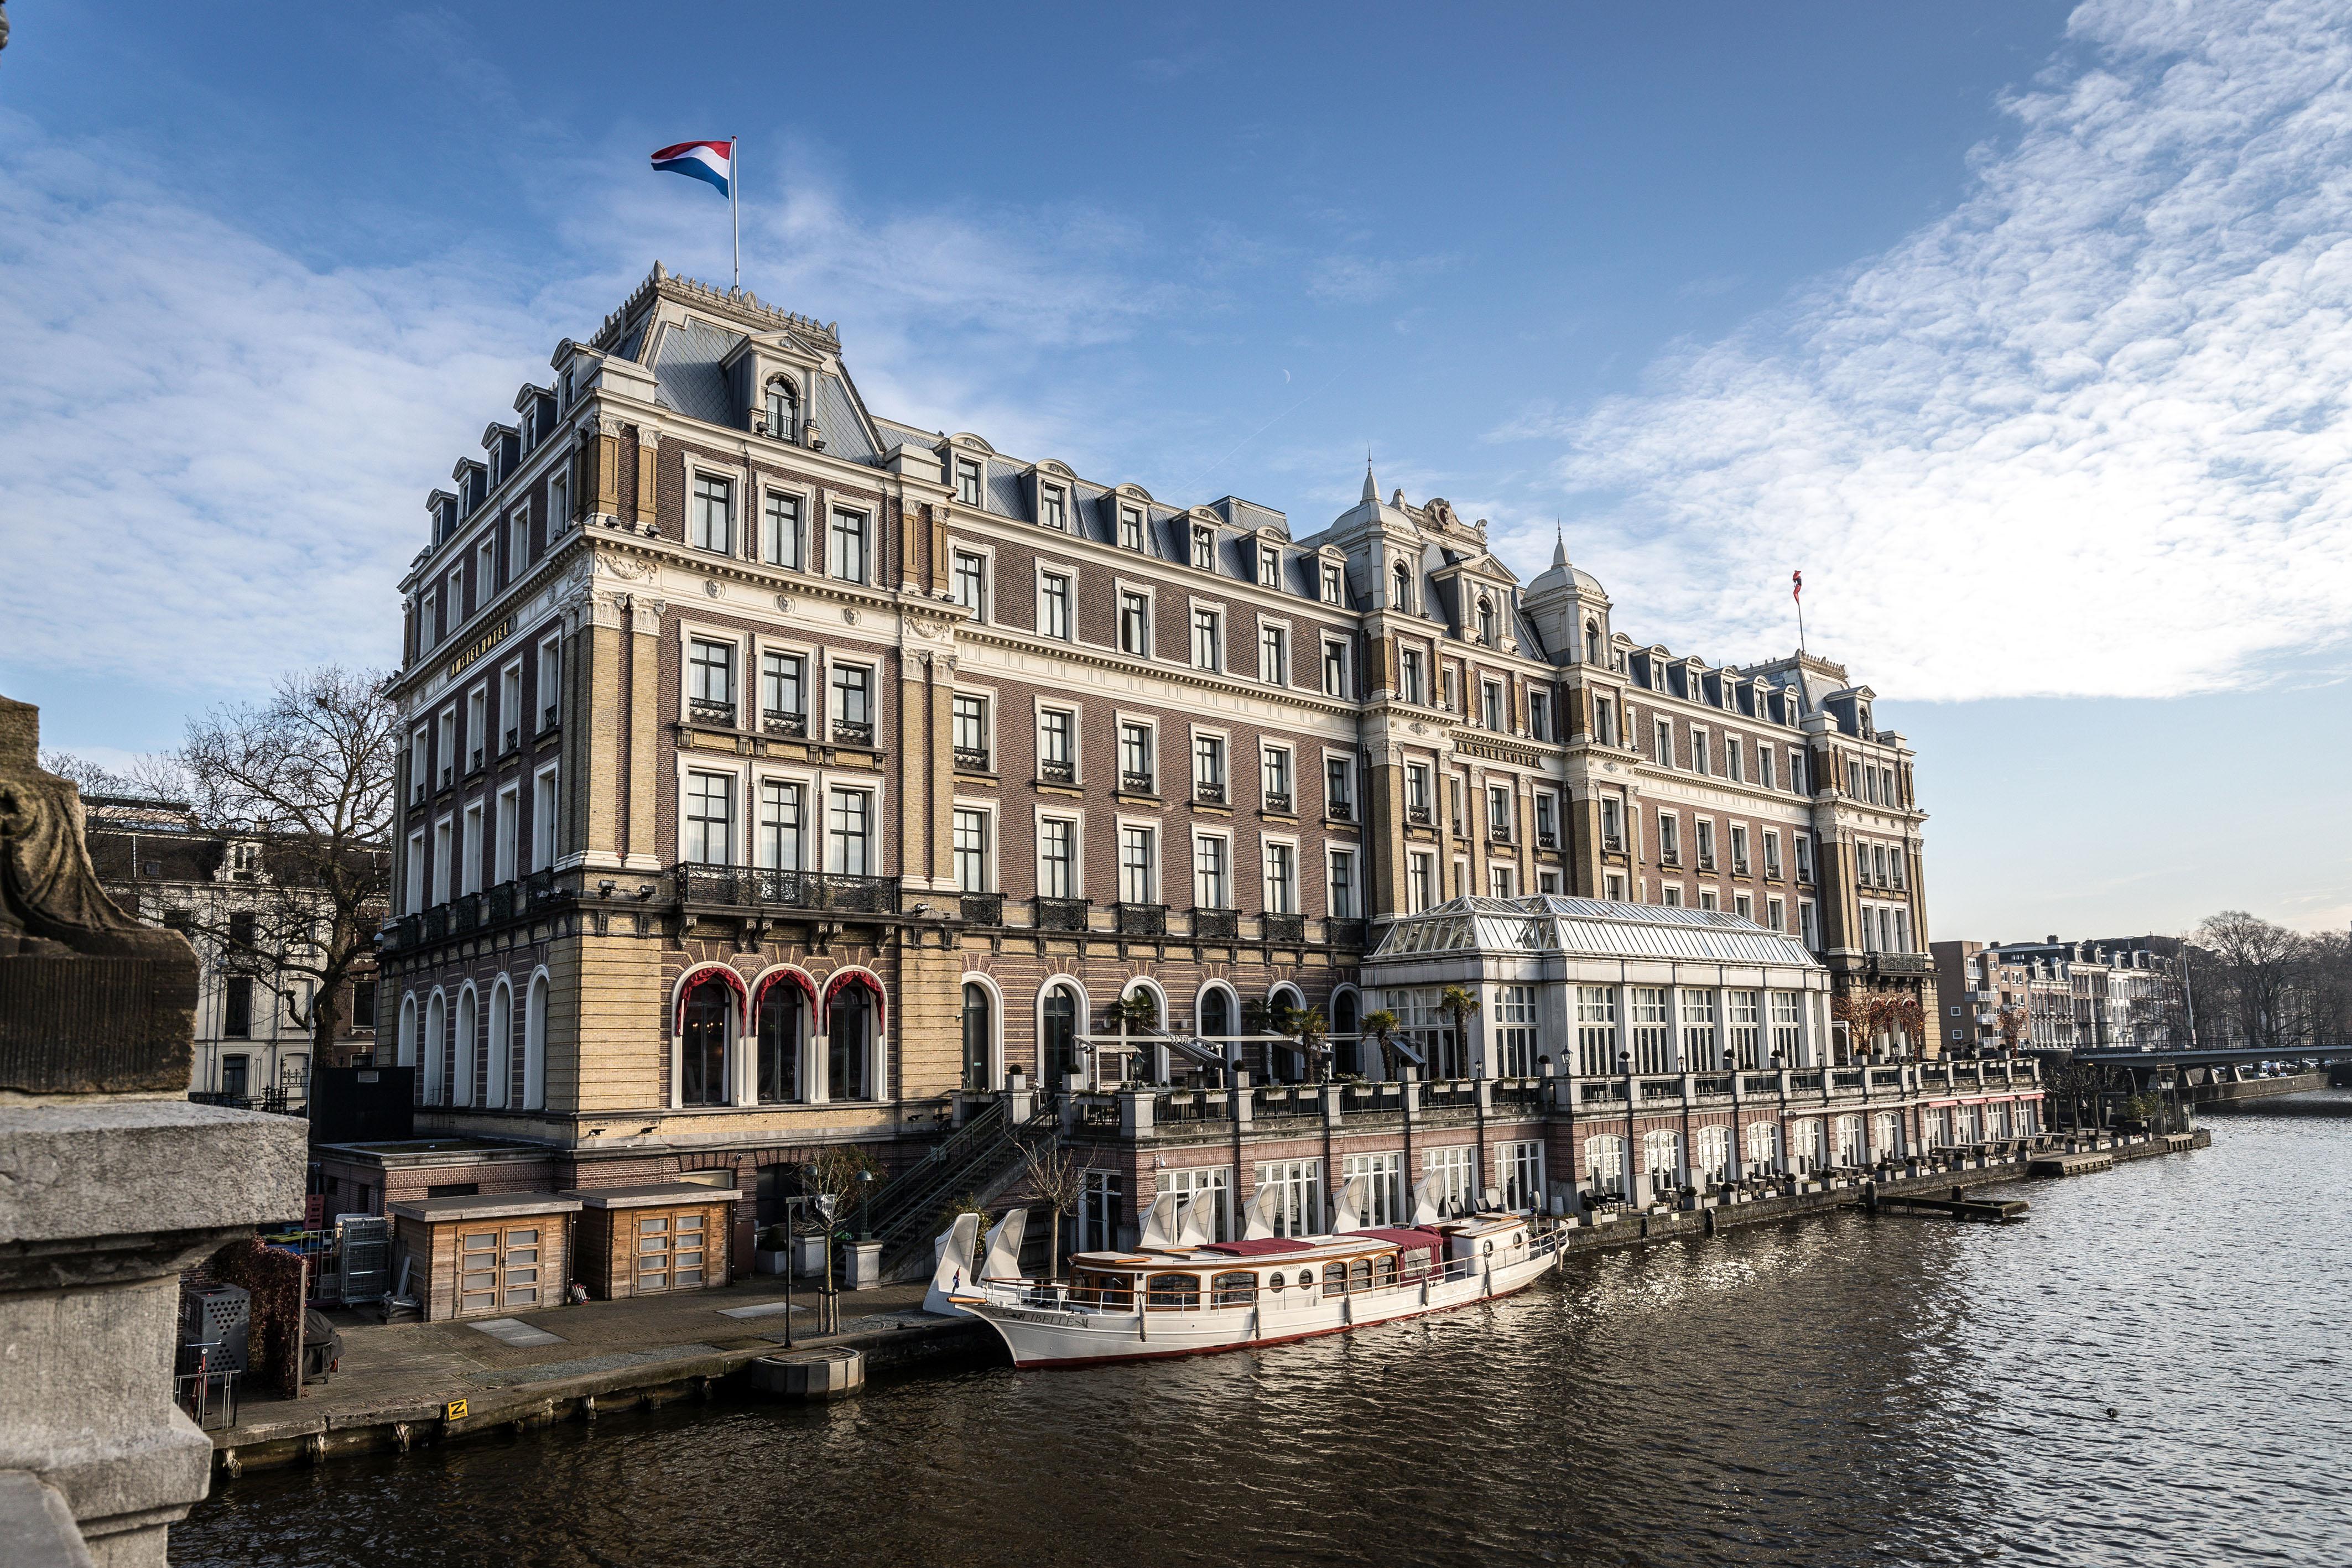 Alliance gastronomique 50 jaar de jubileumacties op een - Amstel hotel amsterdam ...